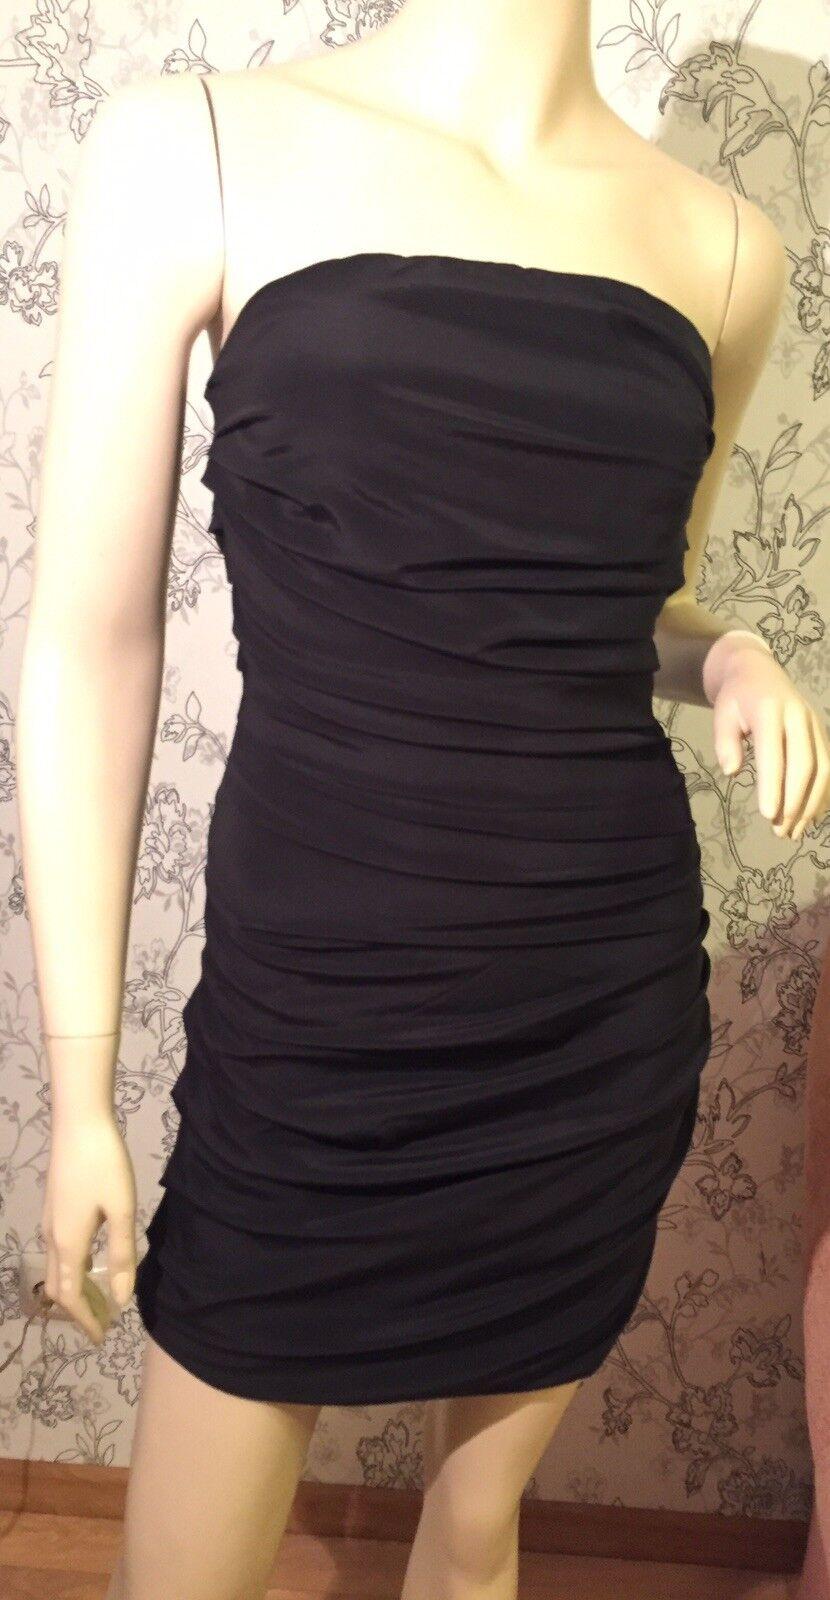 MAJE schwarz silk cocktail dress sz 38 Mint condition